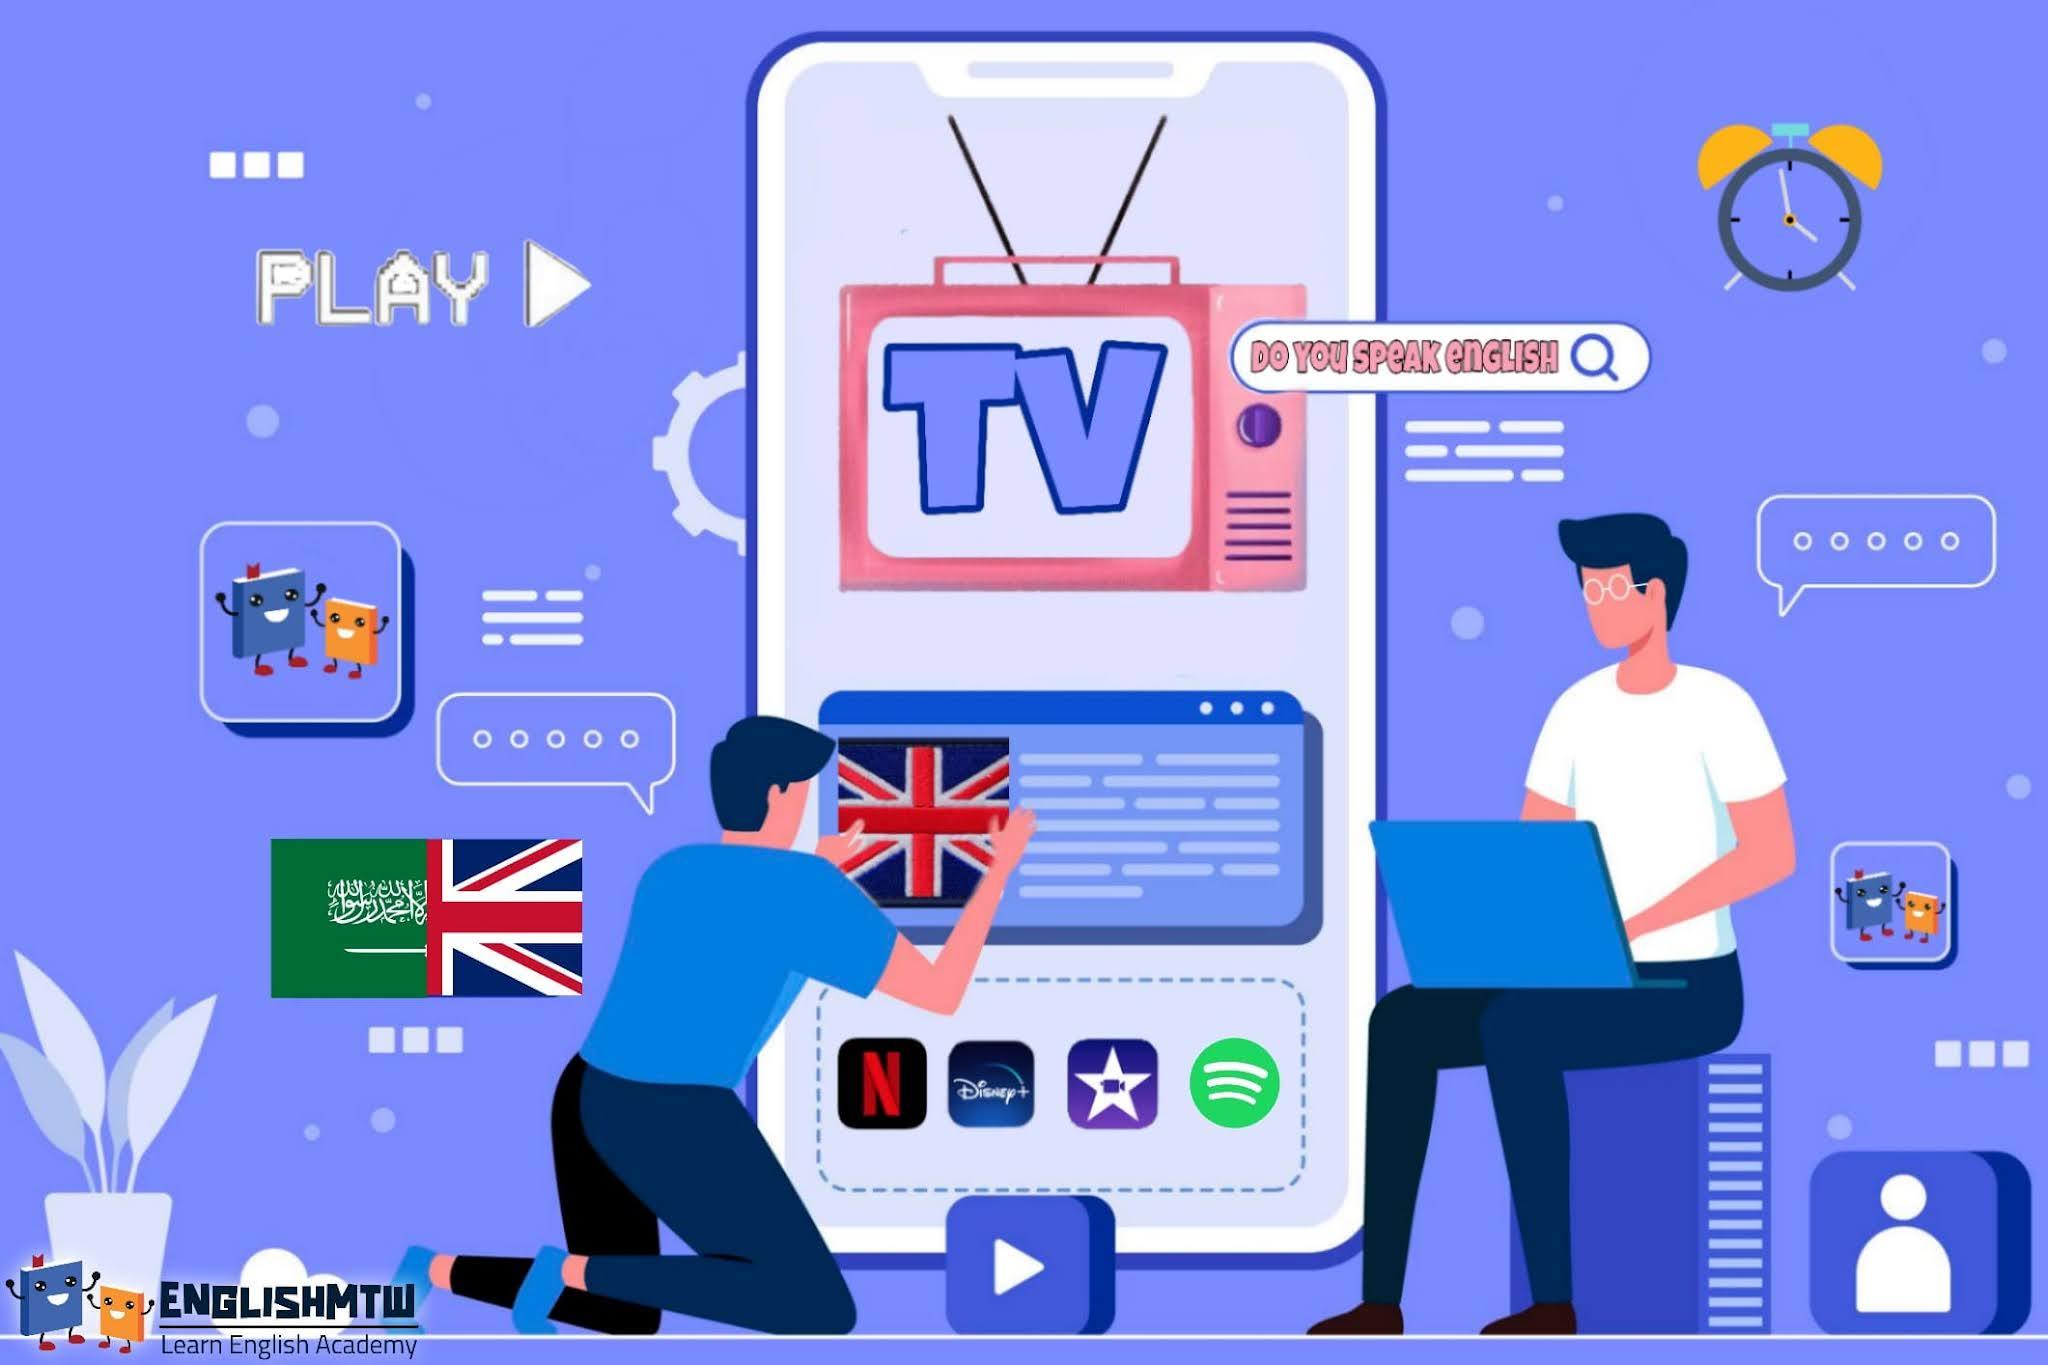 شاهد وتعلم! قم بتنزيل أفضل 7 تطبيقات اندرويد tv للغة الإنجليزية لمتعلمي اللغة